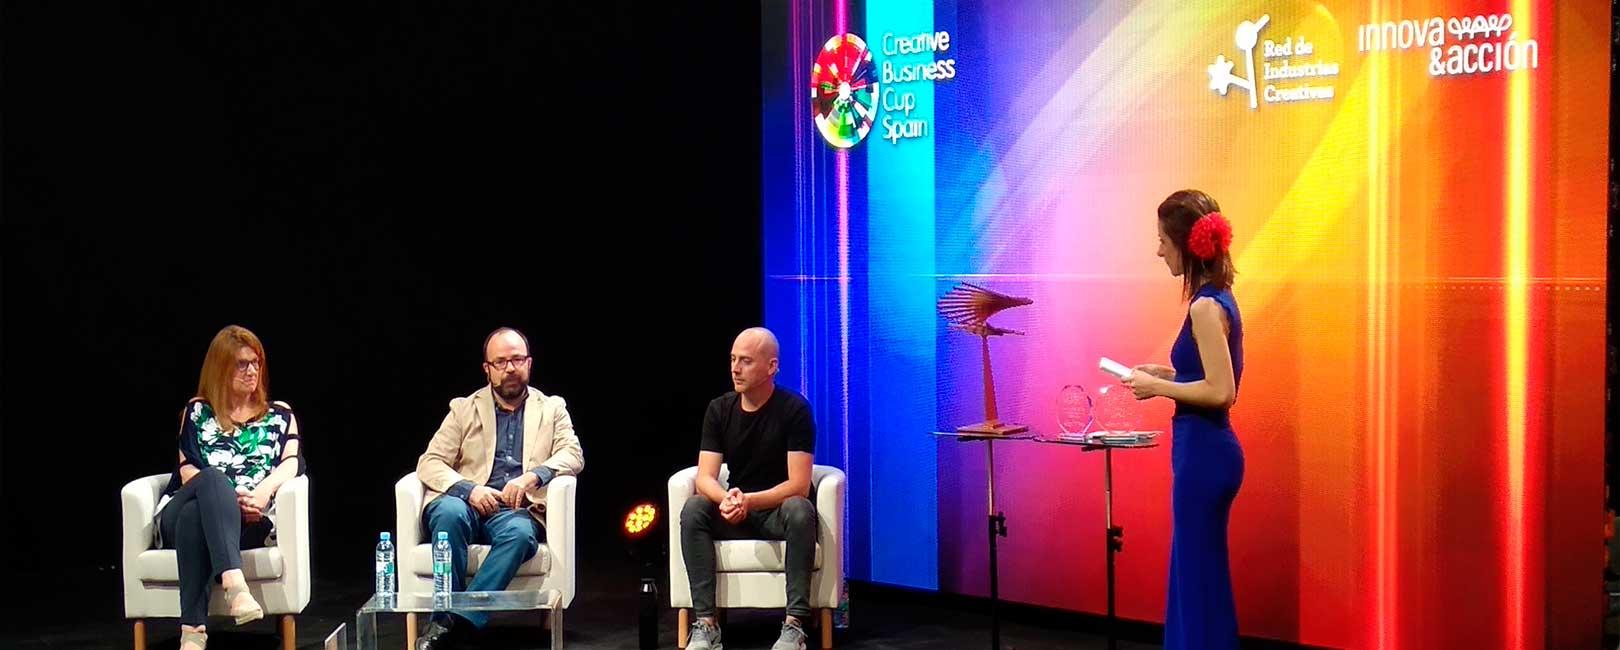 Convirtiendo ideas en negocios que unen a personas con un propósito común: la Creative Business Cup Spain